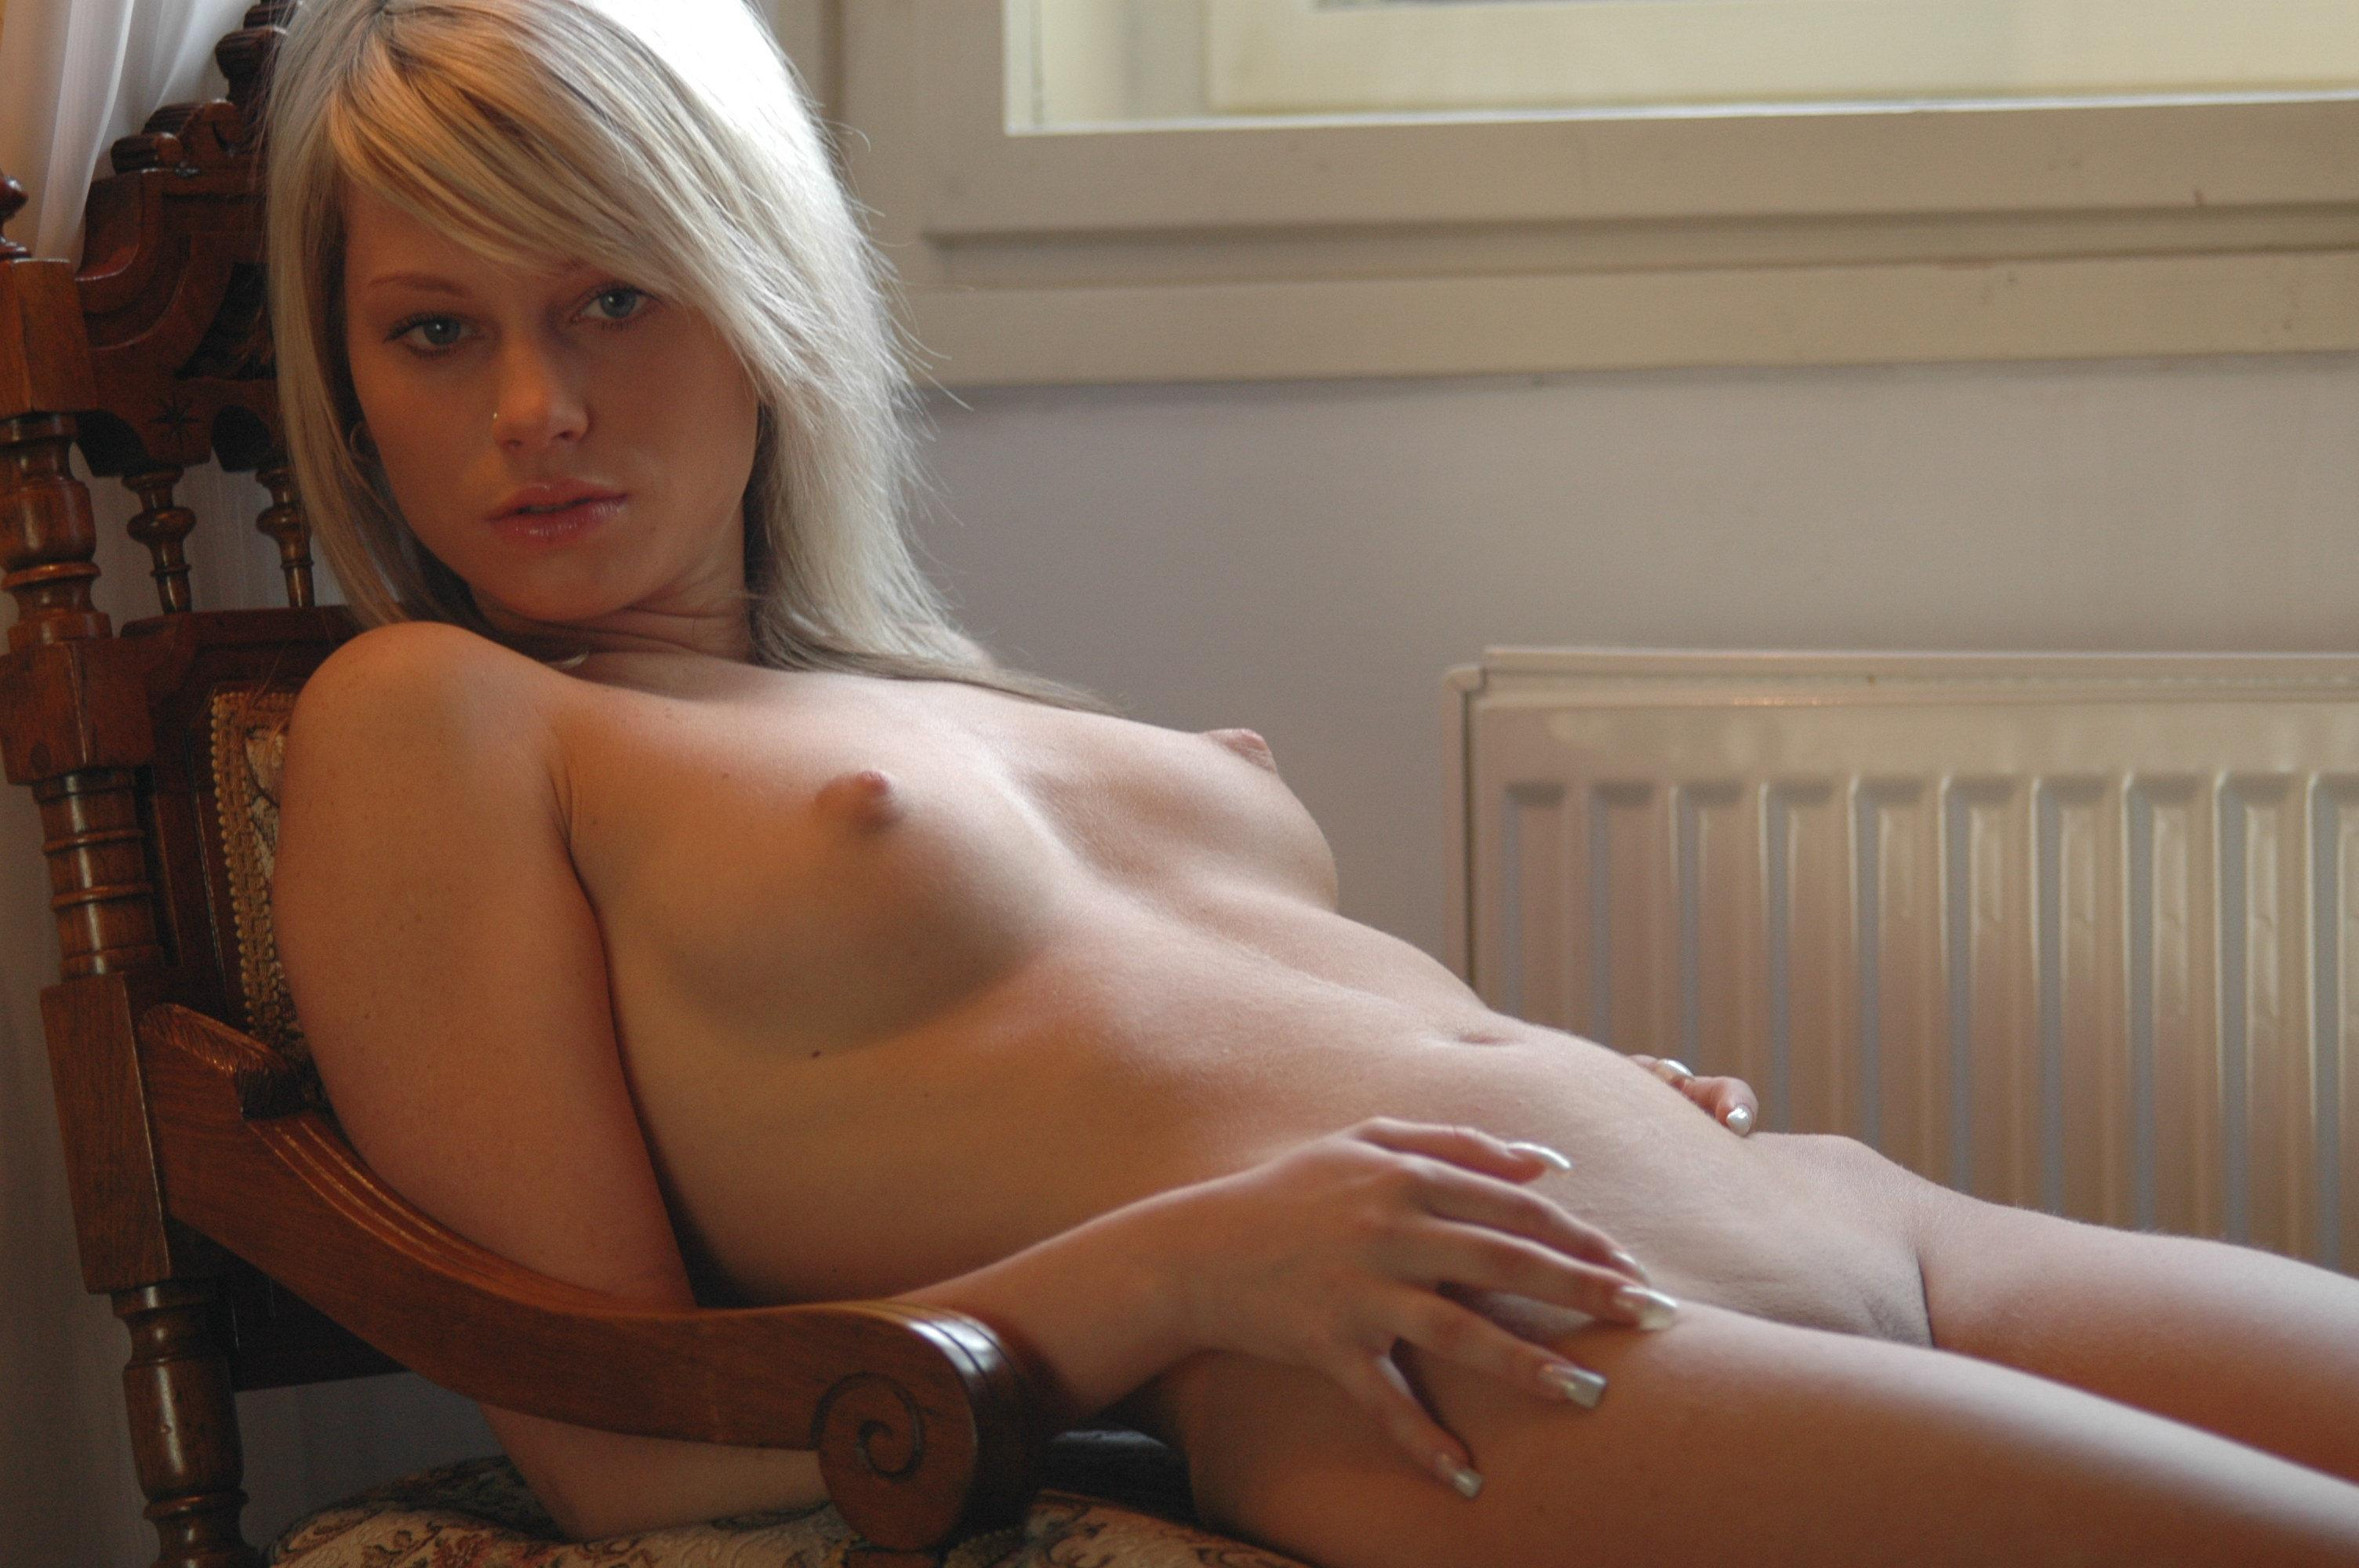 voyuer nudes